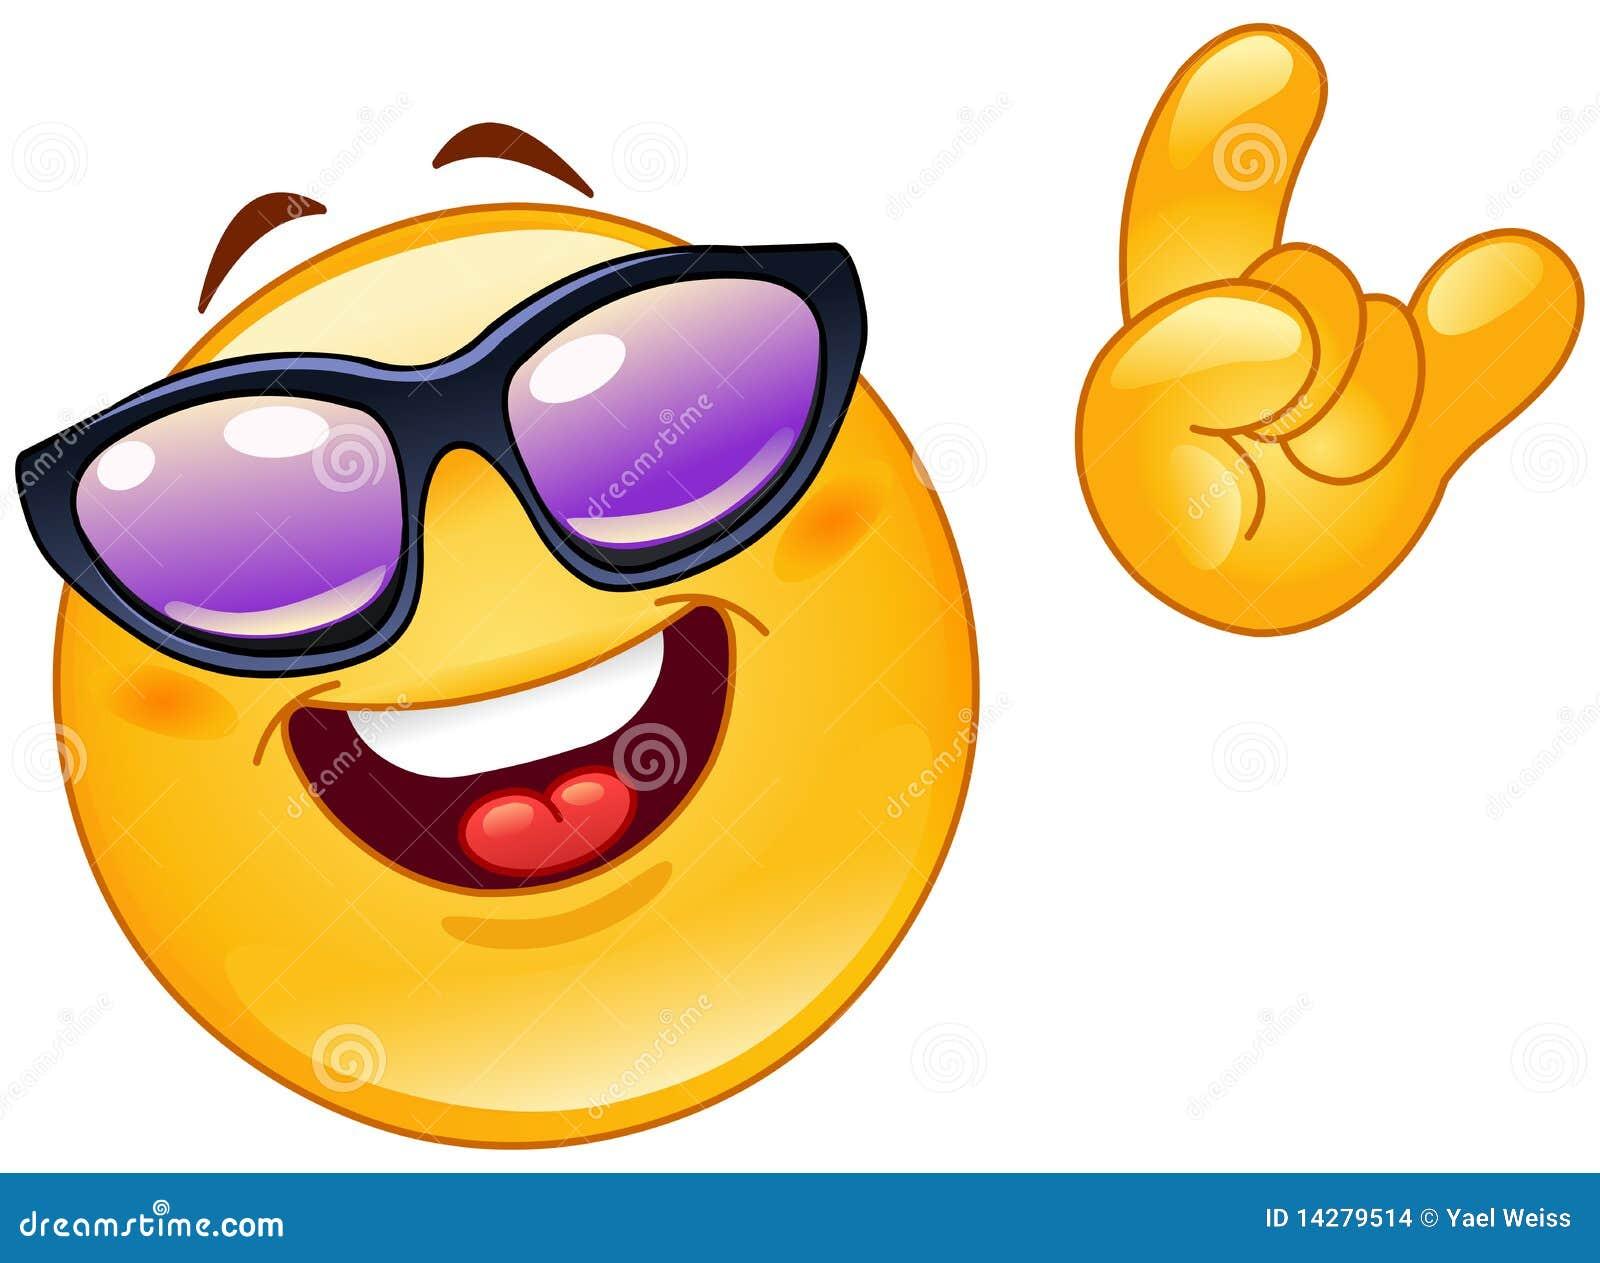 Jual Baju Emoticon | newhairstylesformen2014.com